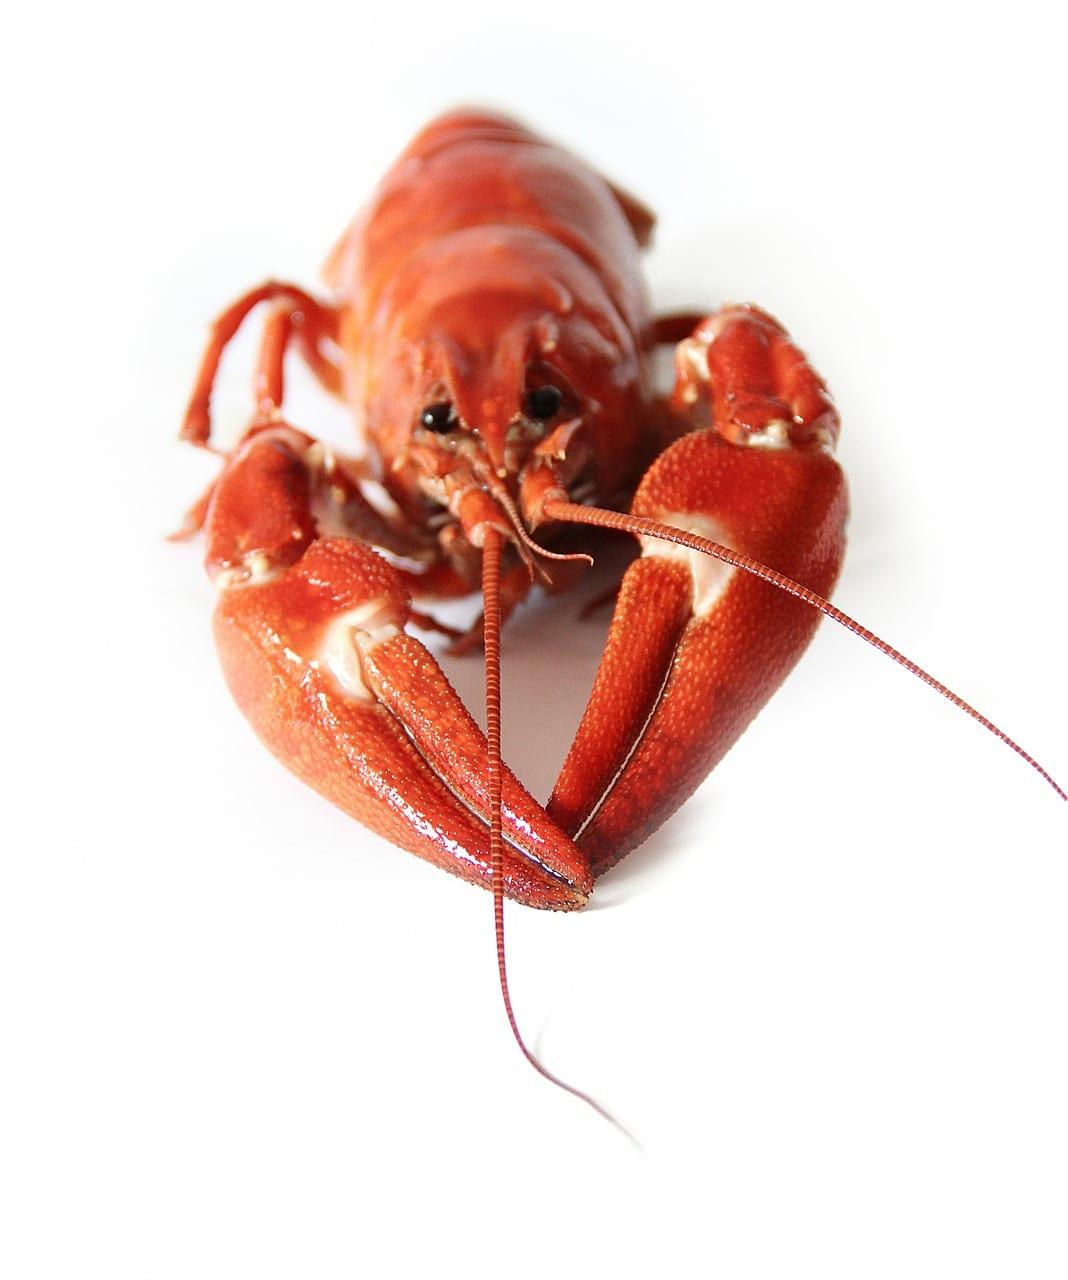 basic ingredients crayfish